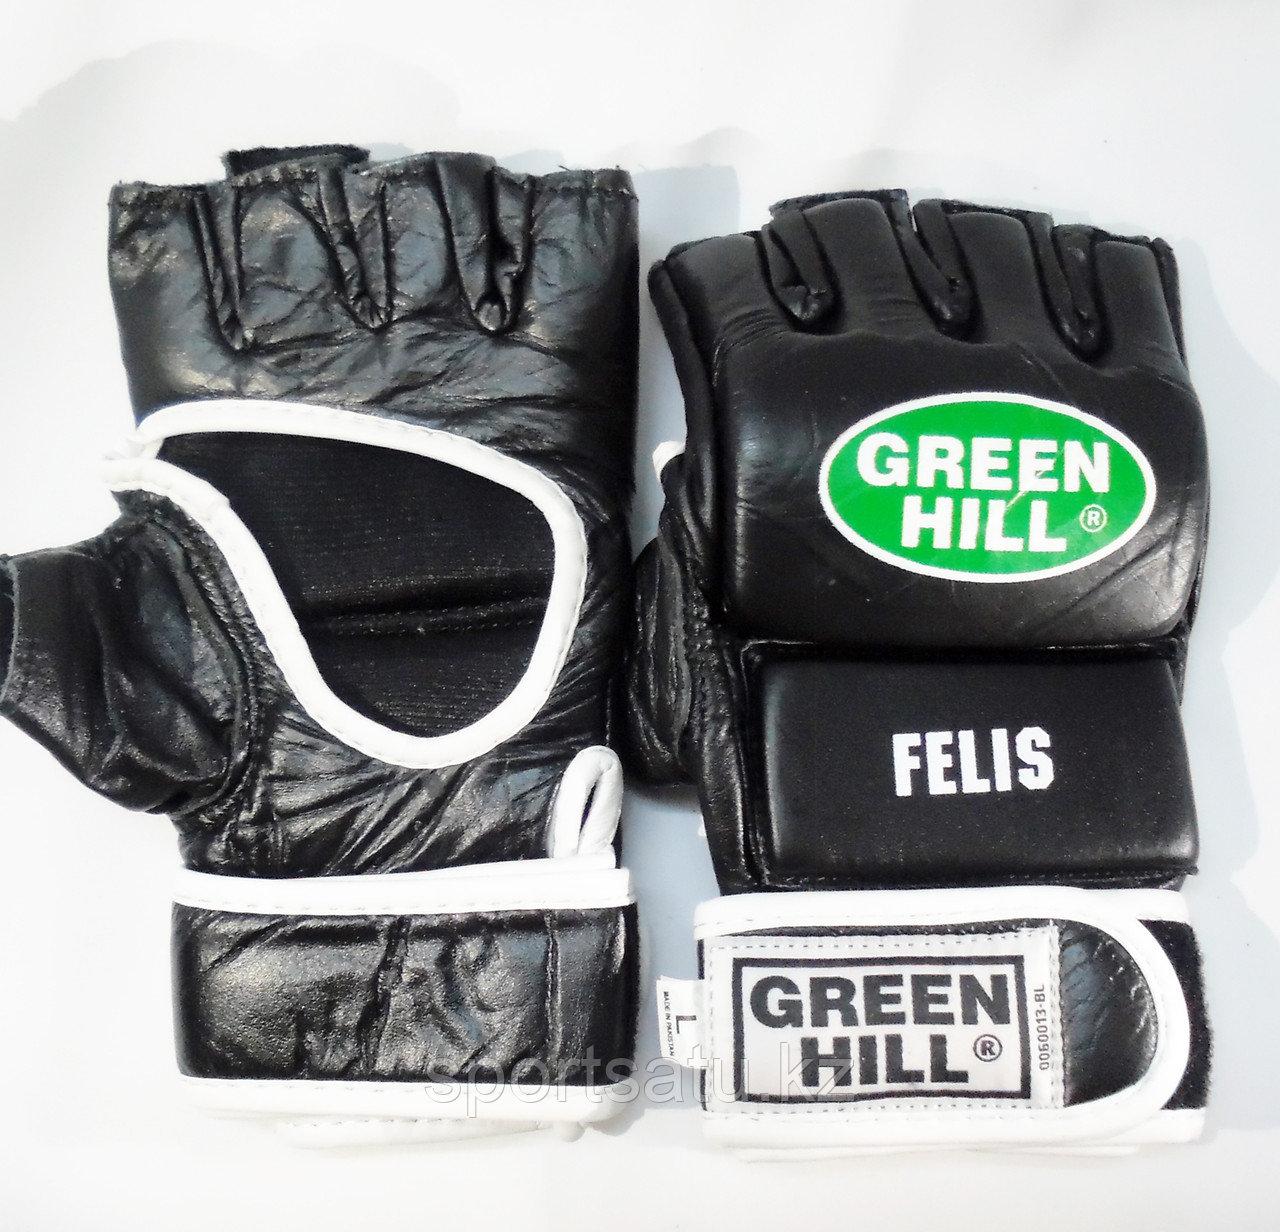 Шингарты для груши Green Hill FELIS